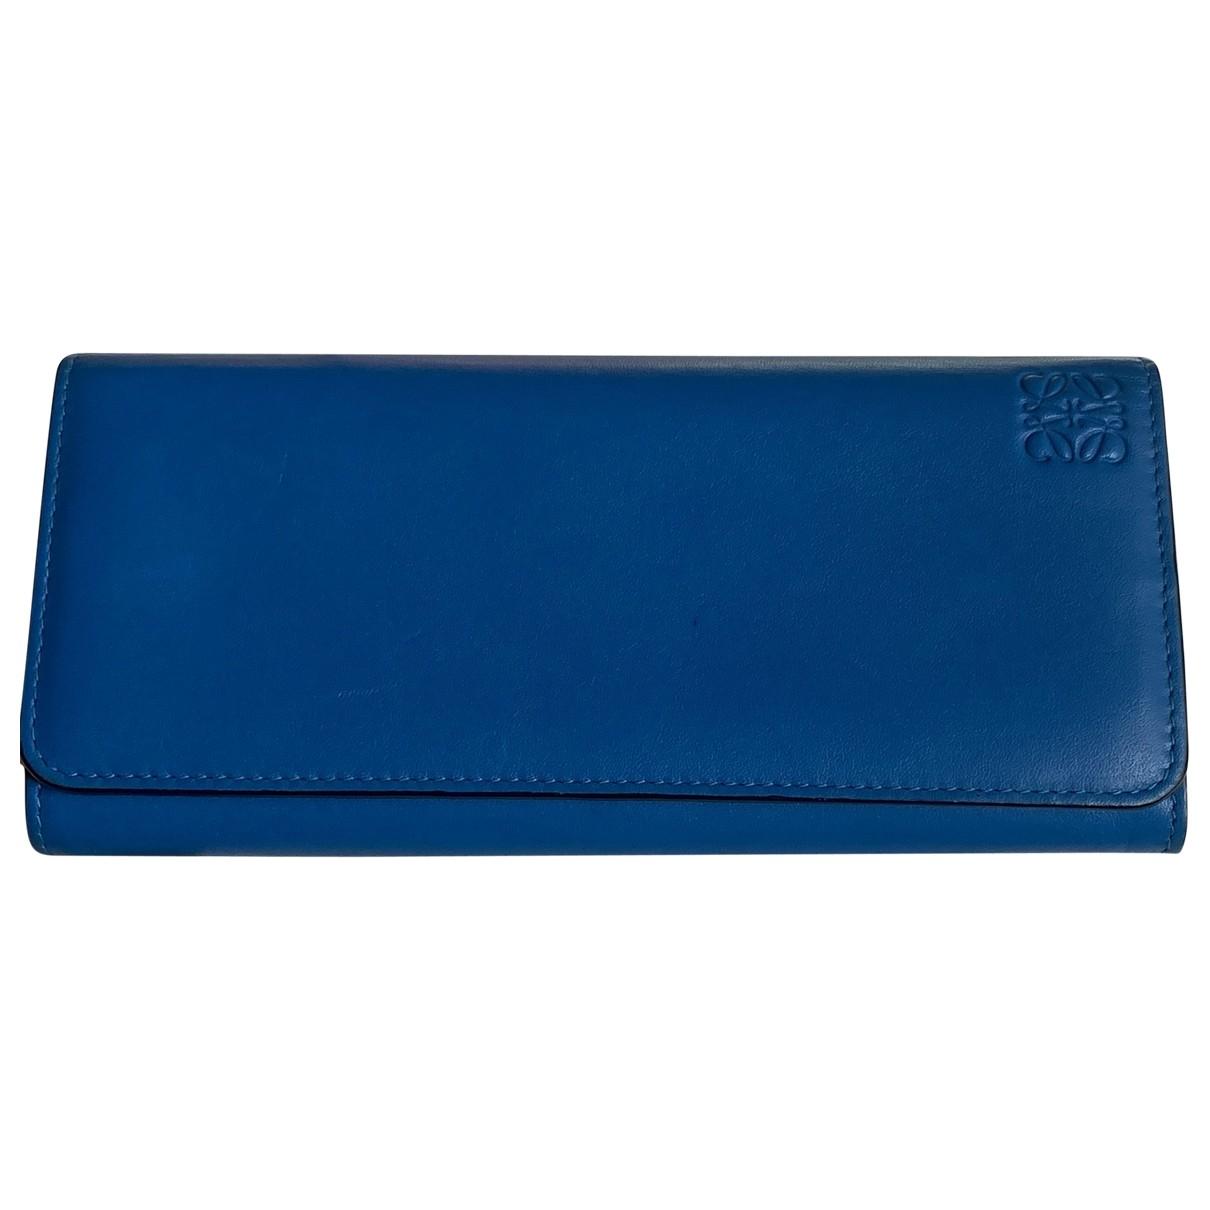 Loewe \N Portemonnaie in  Blau Leder